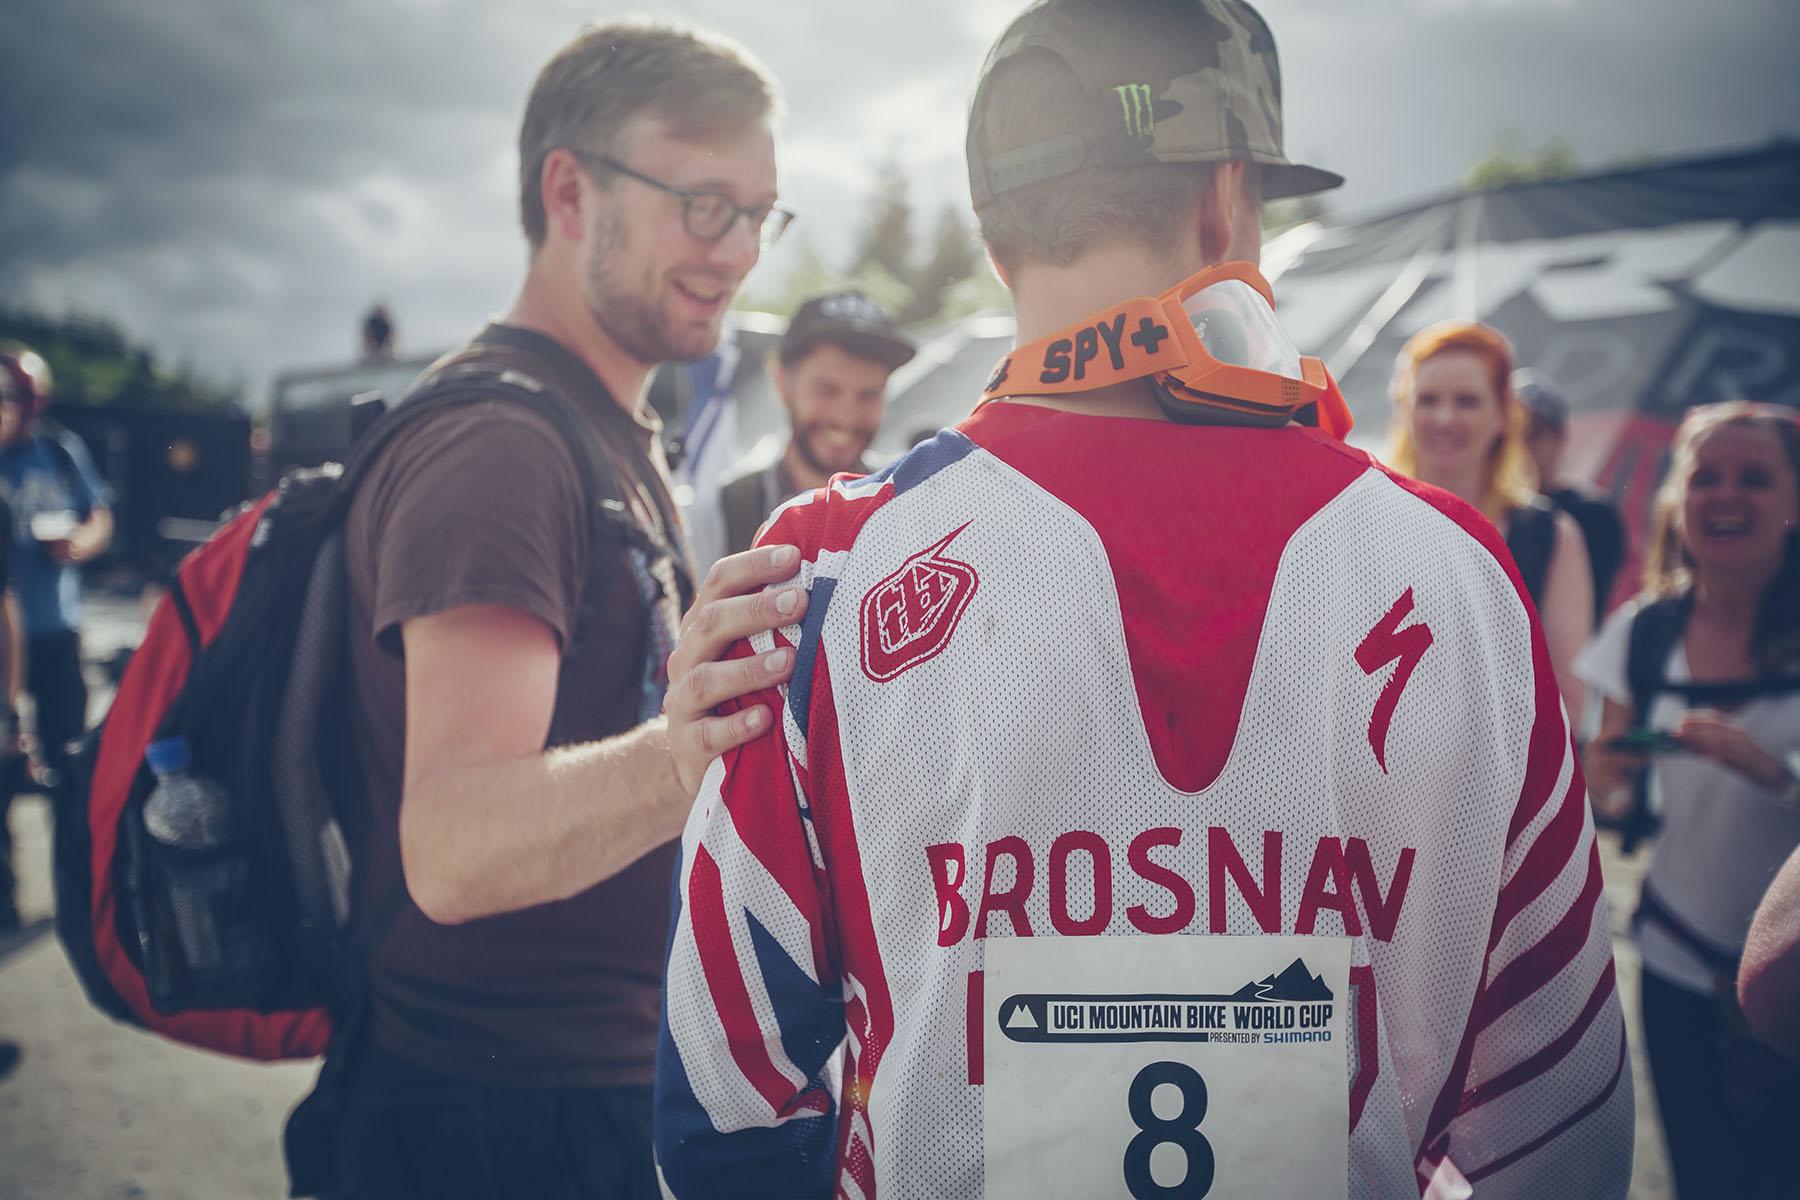 Troy konnte sich nach dem Rennen vor Fotoanfragen und Interviews nicht mehr retten! Der erste Sieg ist eben was Besonderes. Das nächste Rennen steht schon vom 12.-15. Juni in Leogang auf dem Plan.